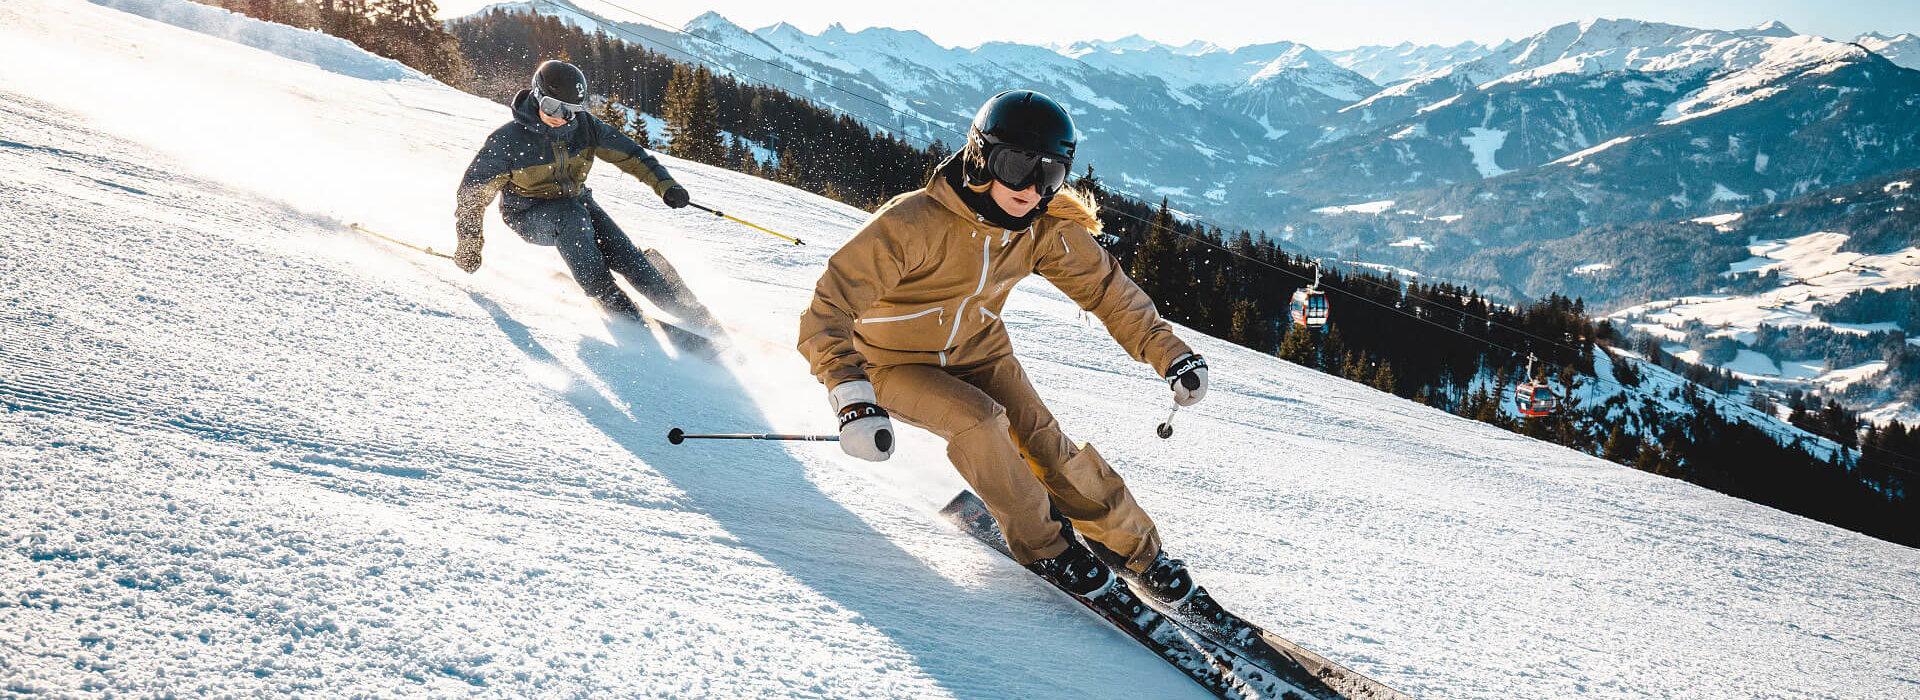 Sportlicher Skitag auf der Hohen Salve